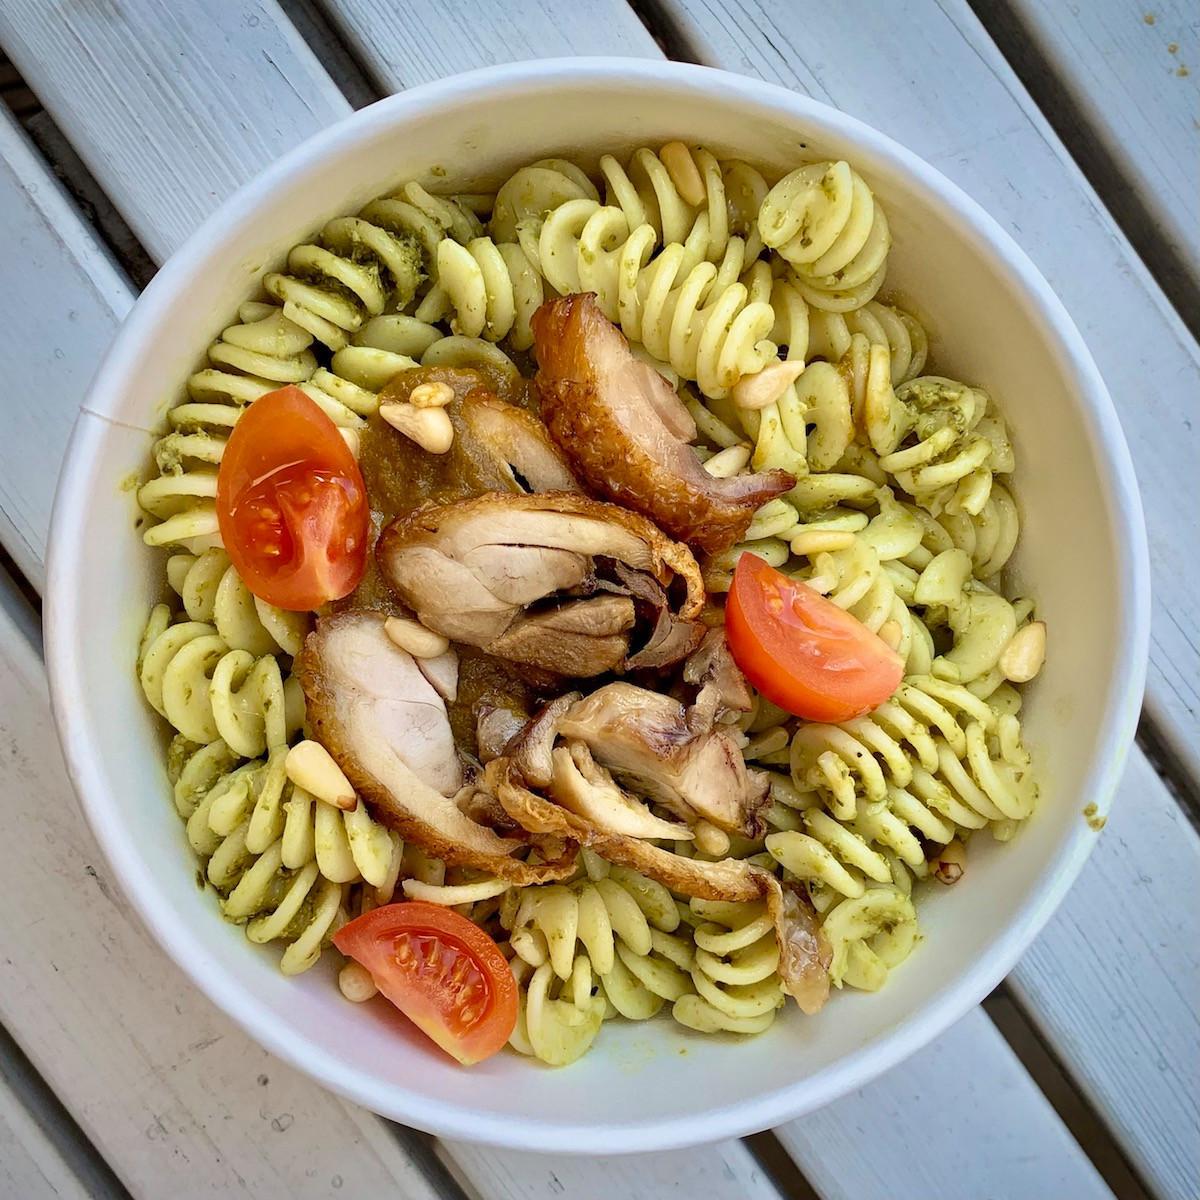 Simplicité et gourmandise bio à prix très abordable pour le plat du jour d'Alavita Kitchen, comme ici, avec desfusilli au pesto, pignons de pin et poulet grillé. (Photo: Maison Moderne)